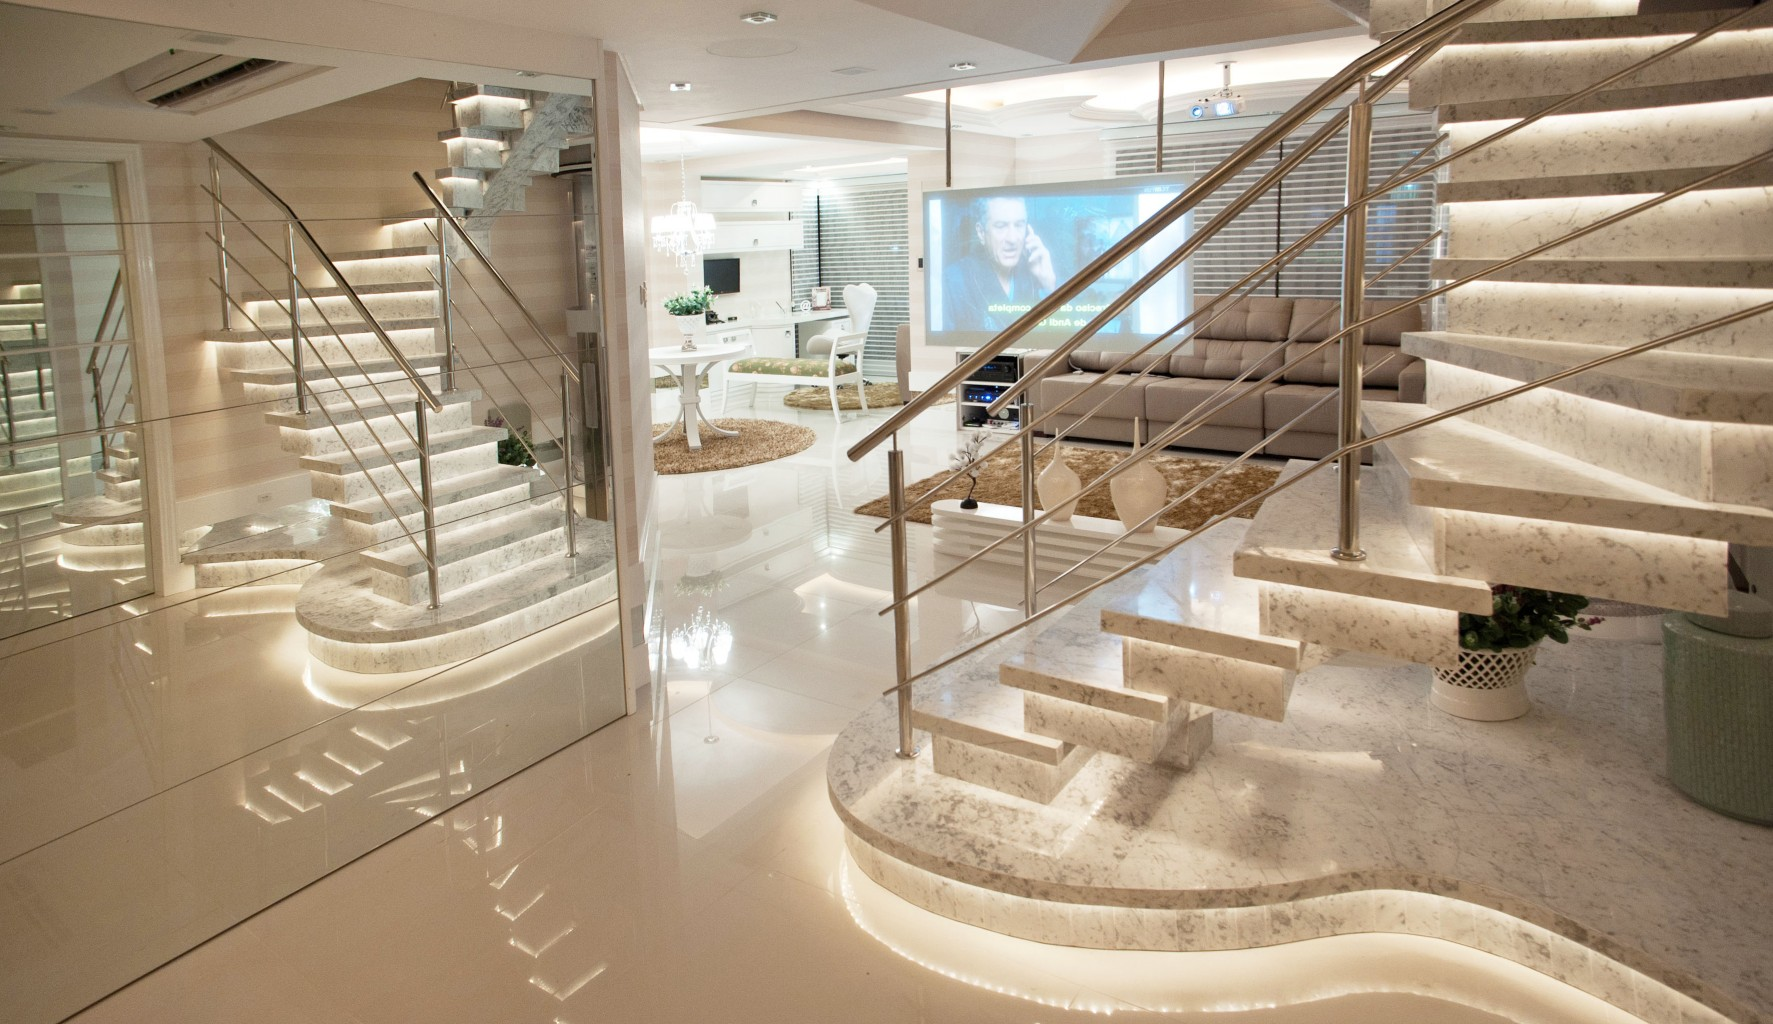 paulinho_peres_group_escada_marmore_travertino_romndo_luxo_iluminacao_led_design_arquitetura